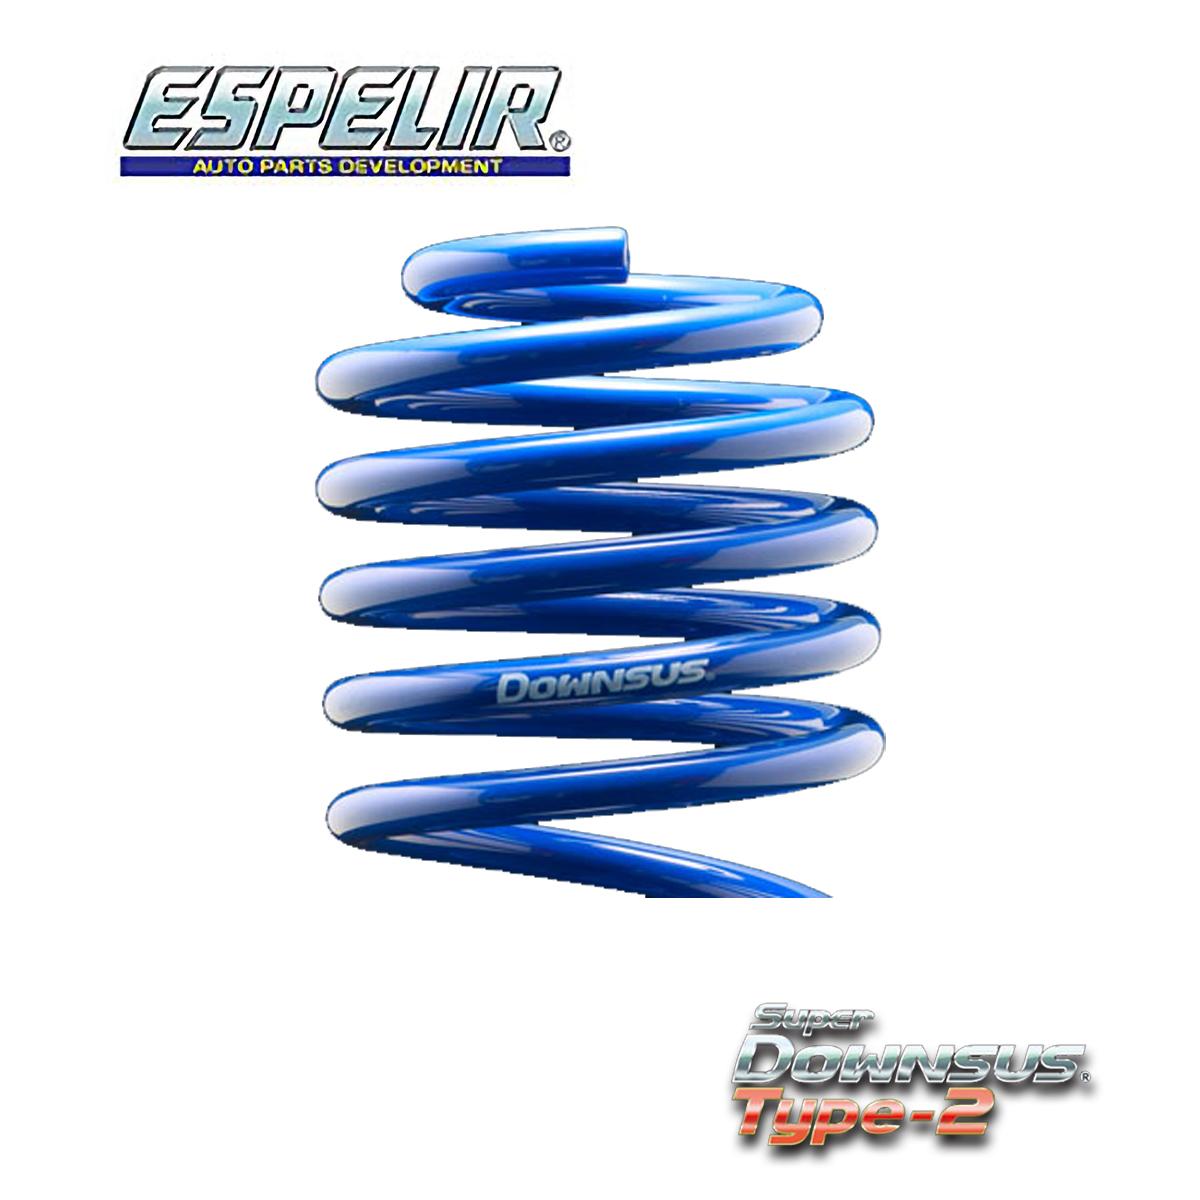 エスペリア N BOX カスタム JF3 スプリング ダウンサス セット 1台分 ESH-3746 スーパーダウンサス タイプ2 Super DOWNSUS Type2 ESPELIR